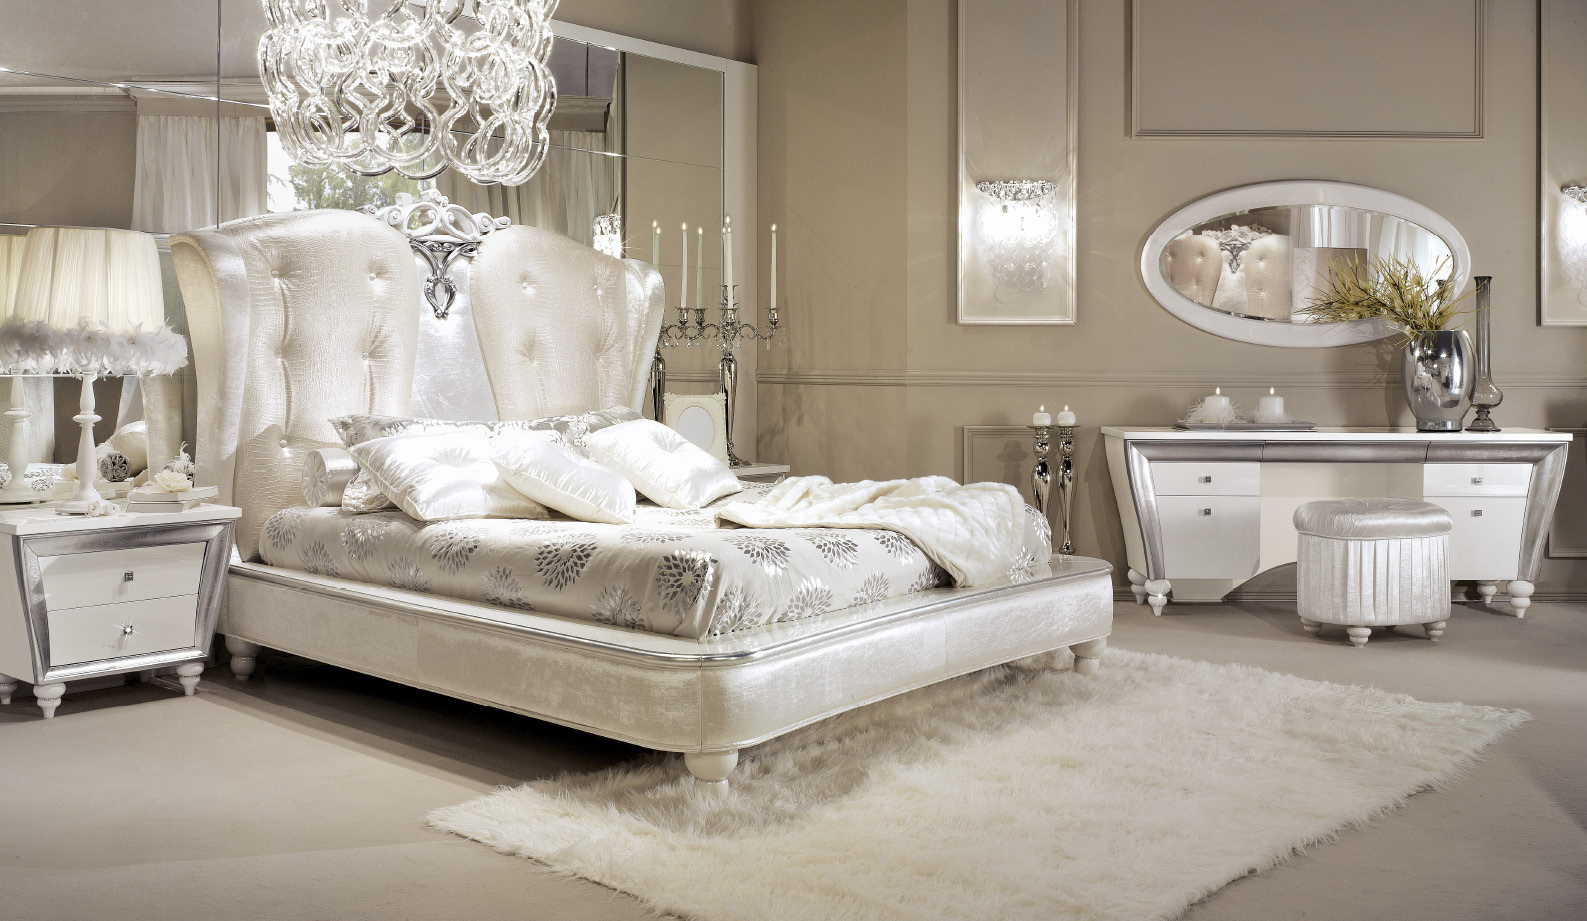 Camera da letto bianca e argento ecco 15 idee che vi - Camera da letto contemporanea bianca ...